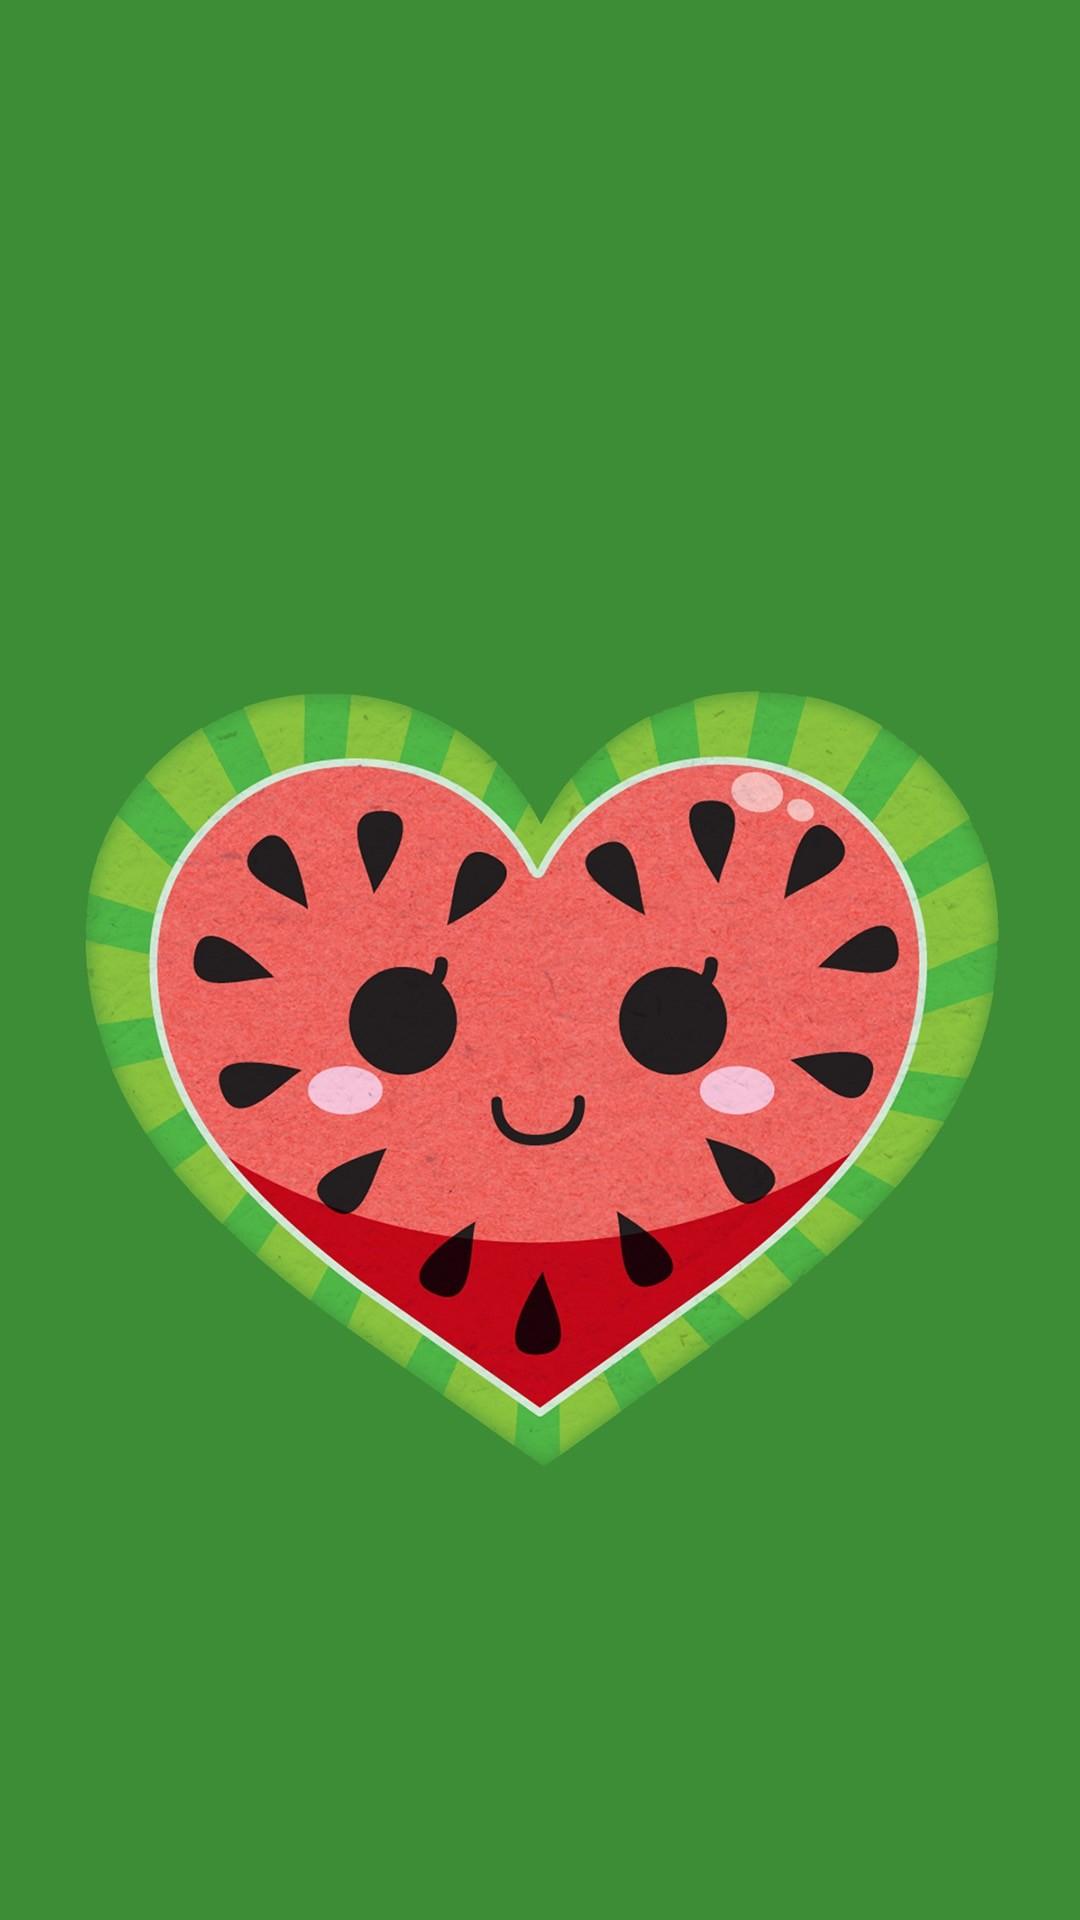 Melon Heart Loves U Wallpaper by VampireJaku on DeviantArt